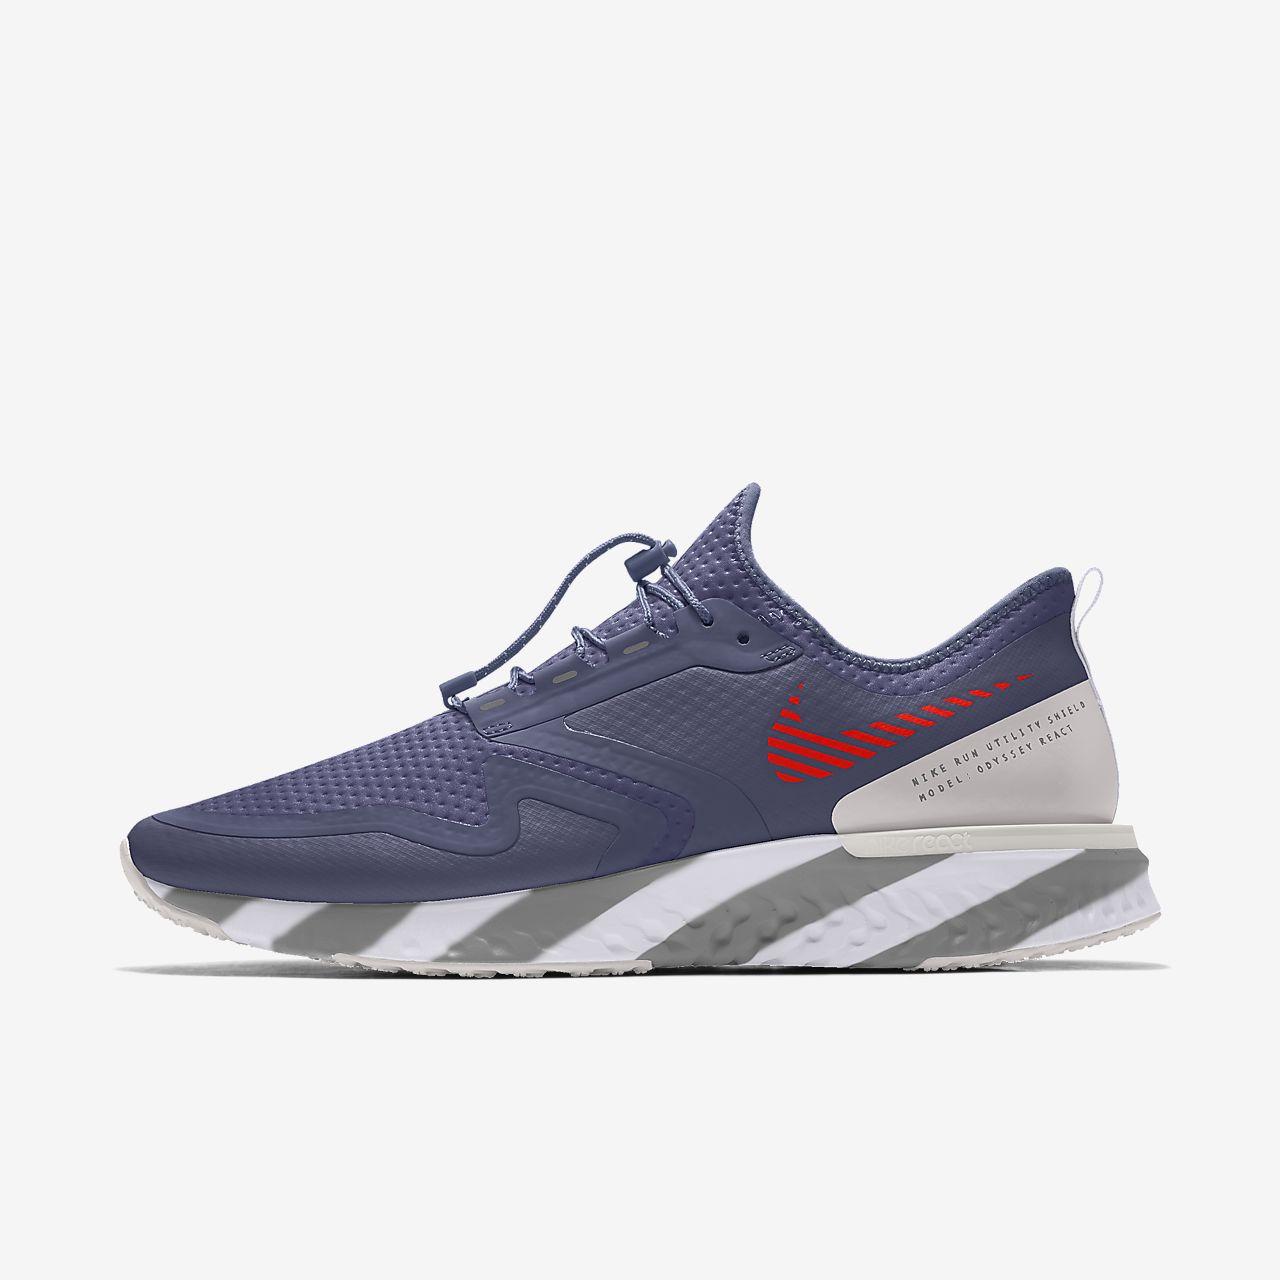 Calzado de running para mujer personalizado Nike Odyssey React Shield By You